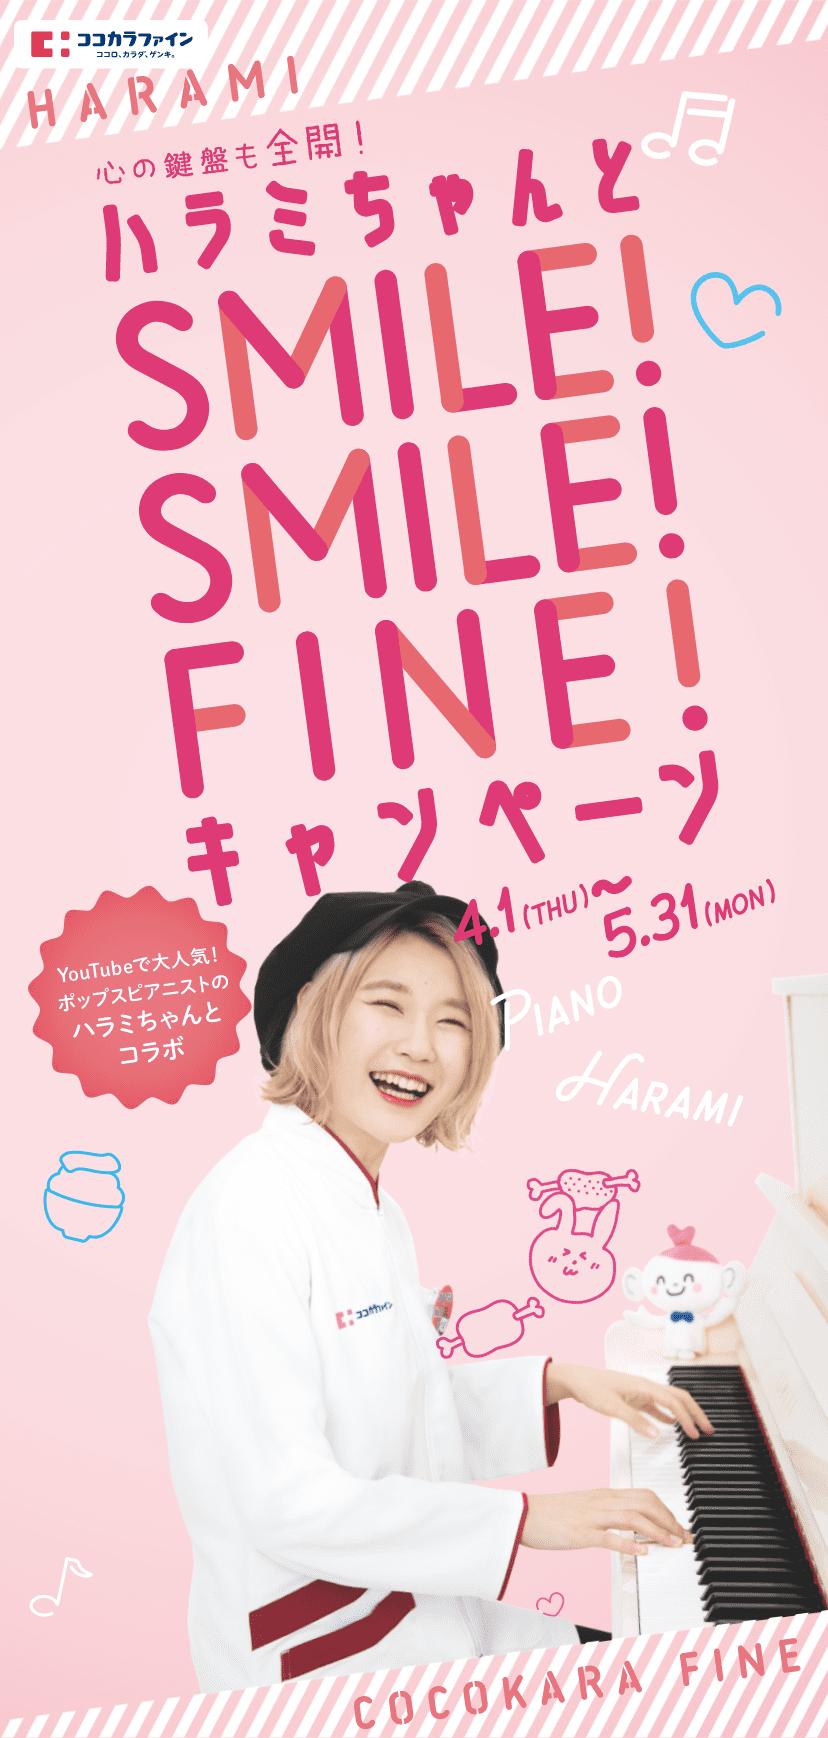 心の鍵盤も全開!ハラミちゃんとSMILE!SMILE!FINE!キャンペーン4.1(THU)~5.31(MON)YouTubeで大人気ポップスピアニストのハラミちゃんとコラボ